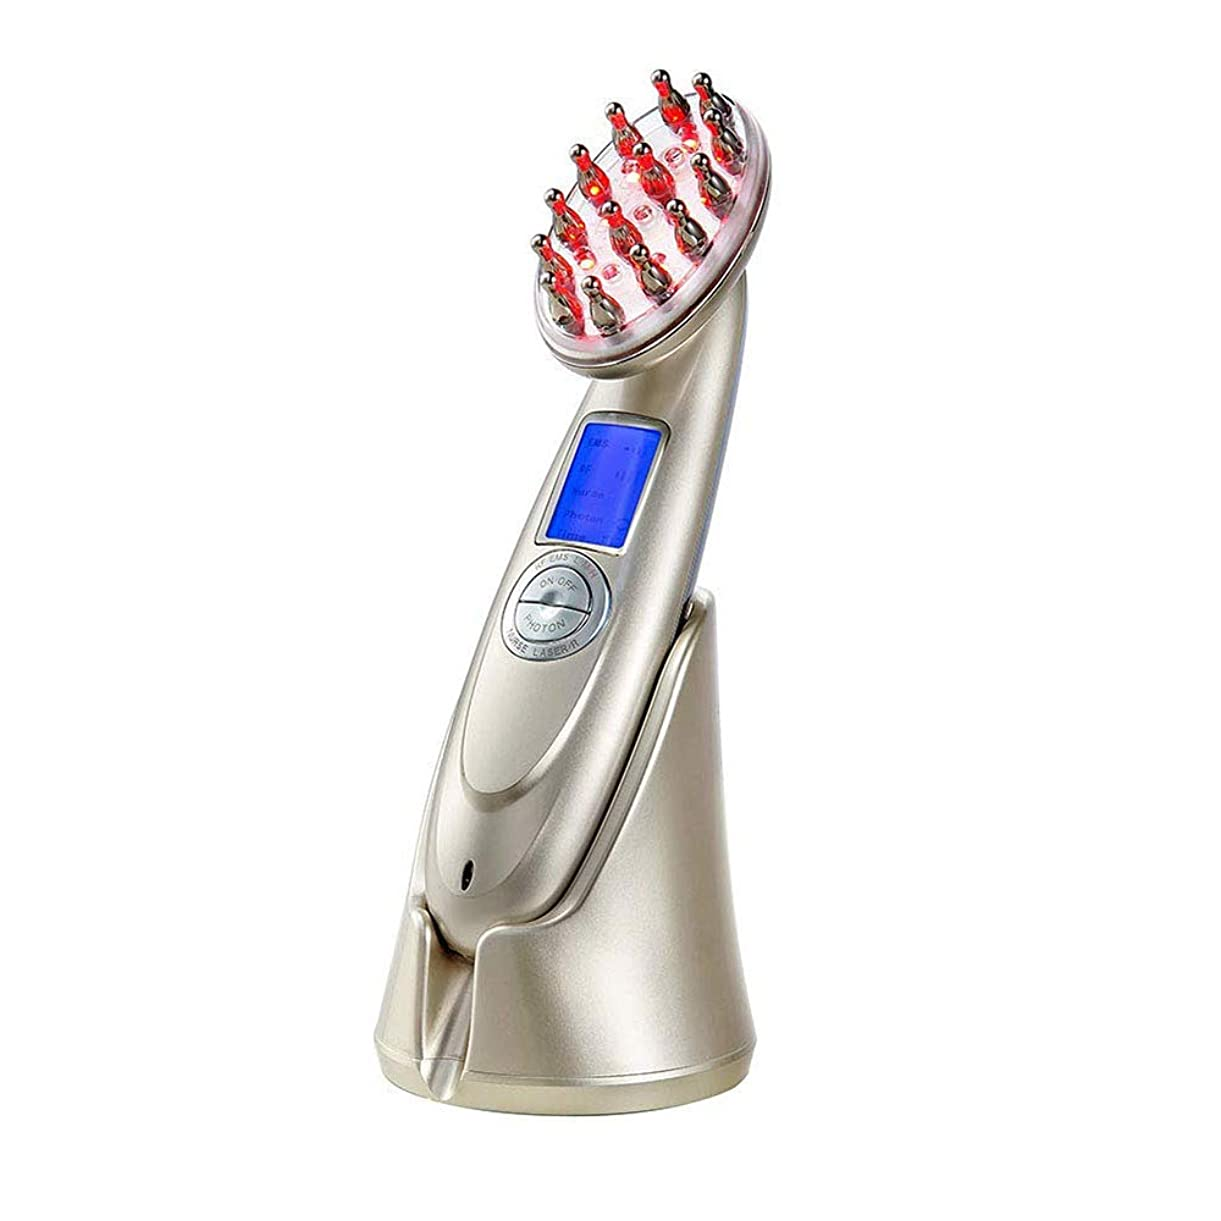 歌ういたずらな食欲髪の成長櫛電気抗毛損失治療マッサージヘア再生ブラシ無線周波数職業 EMS Led フォトンライトセラピー櫛